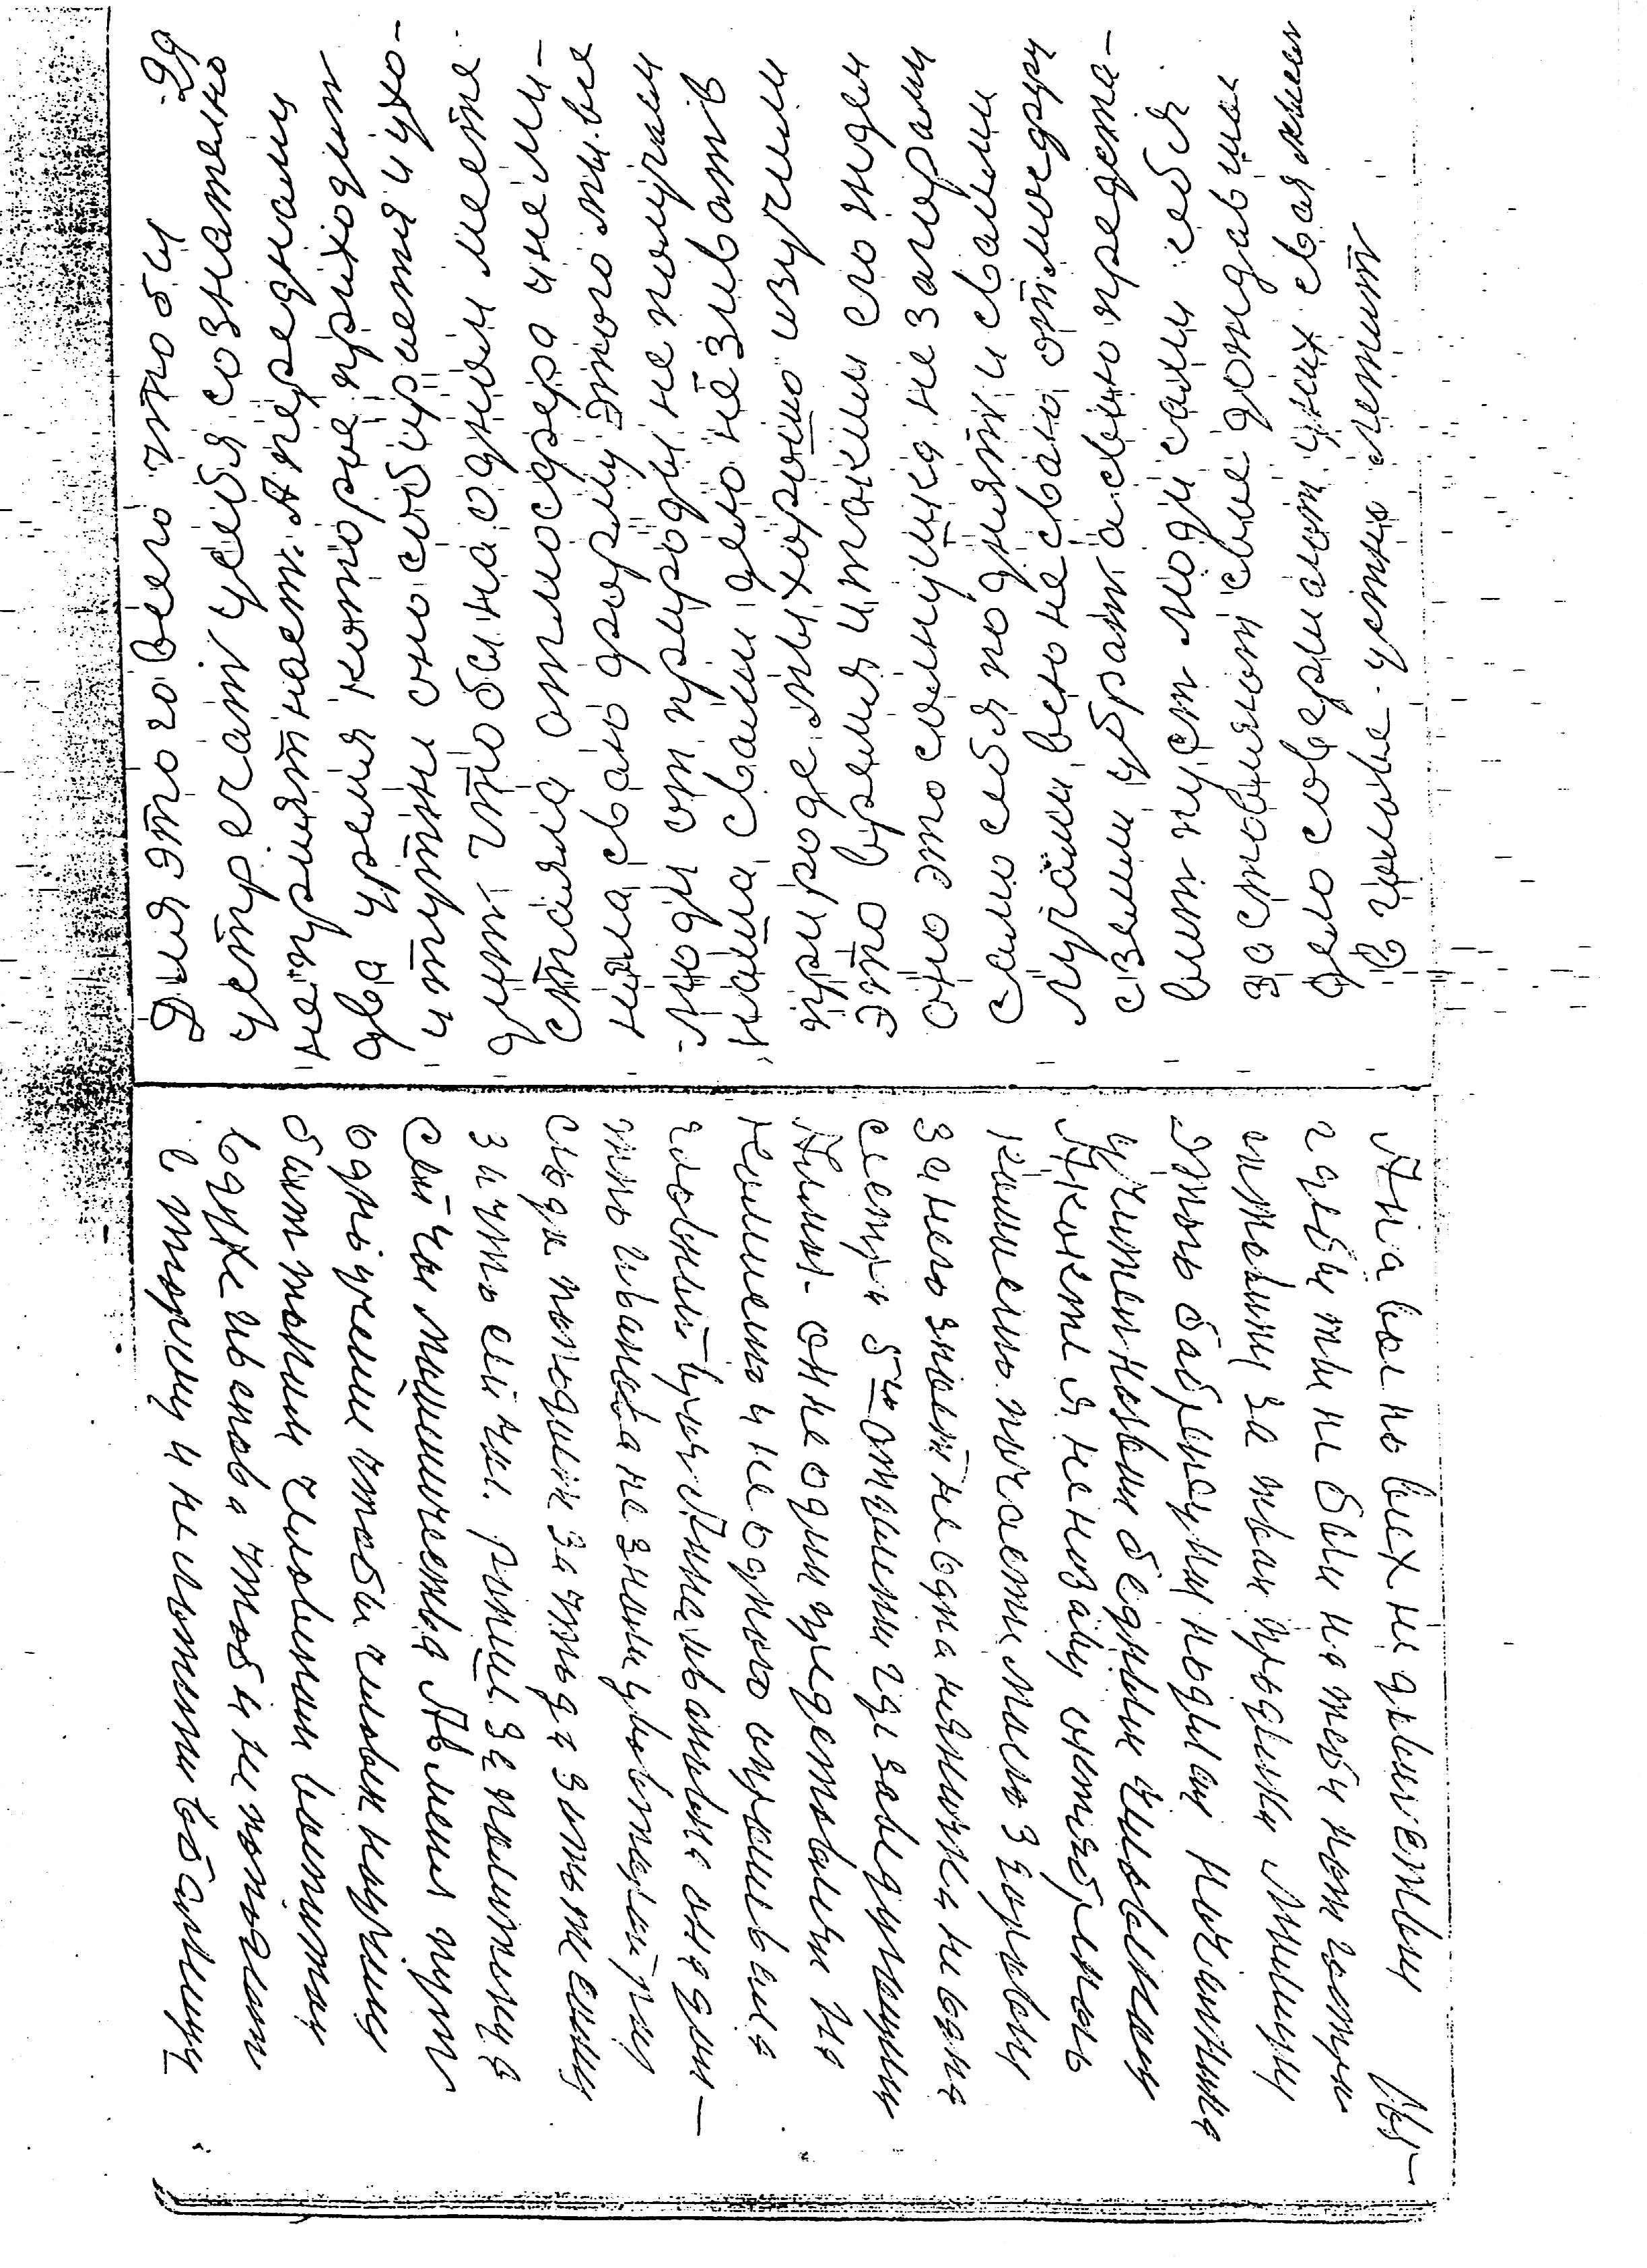 29-165.jpg